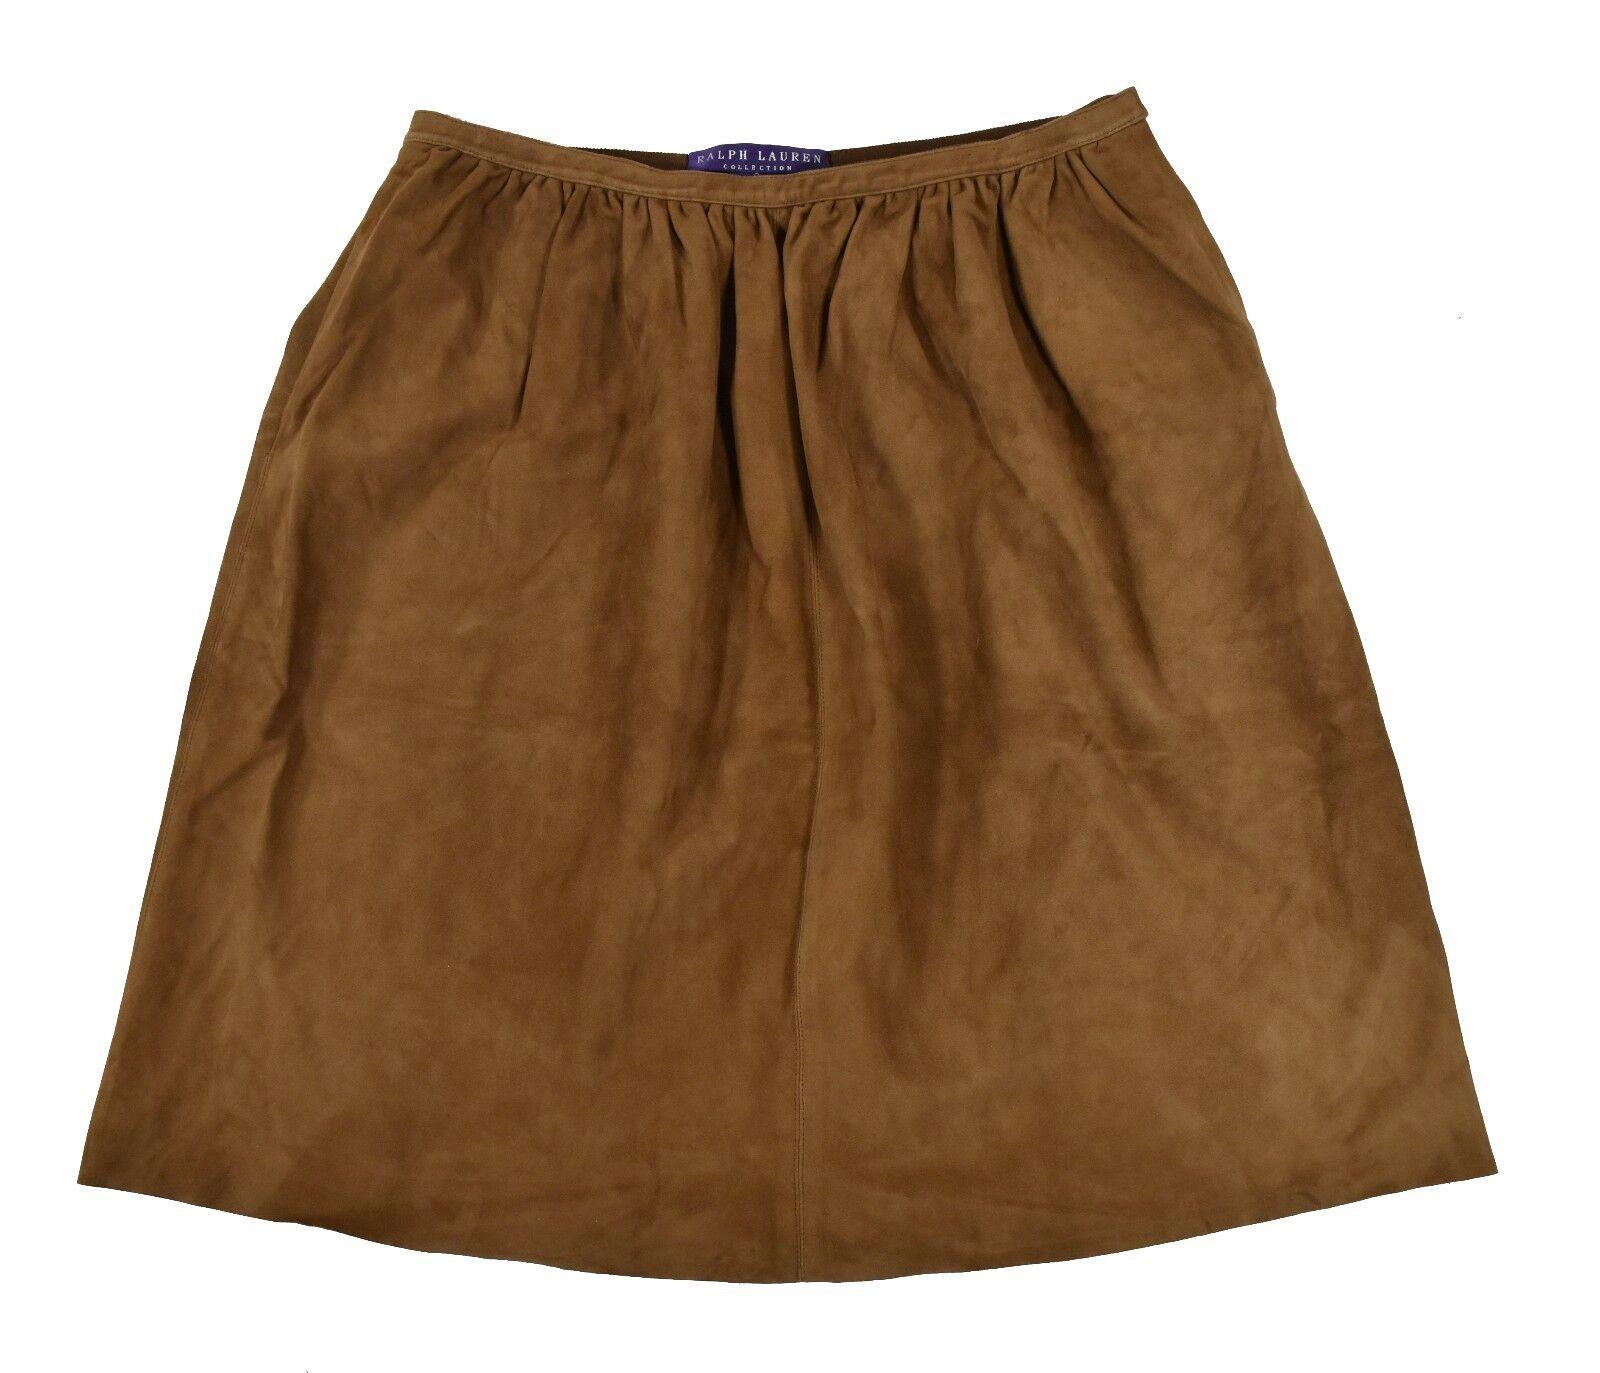 Ralph Lauren Purple Label Brown Suede Leather Skirt 8 New  1998